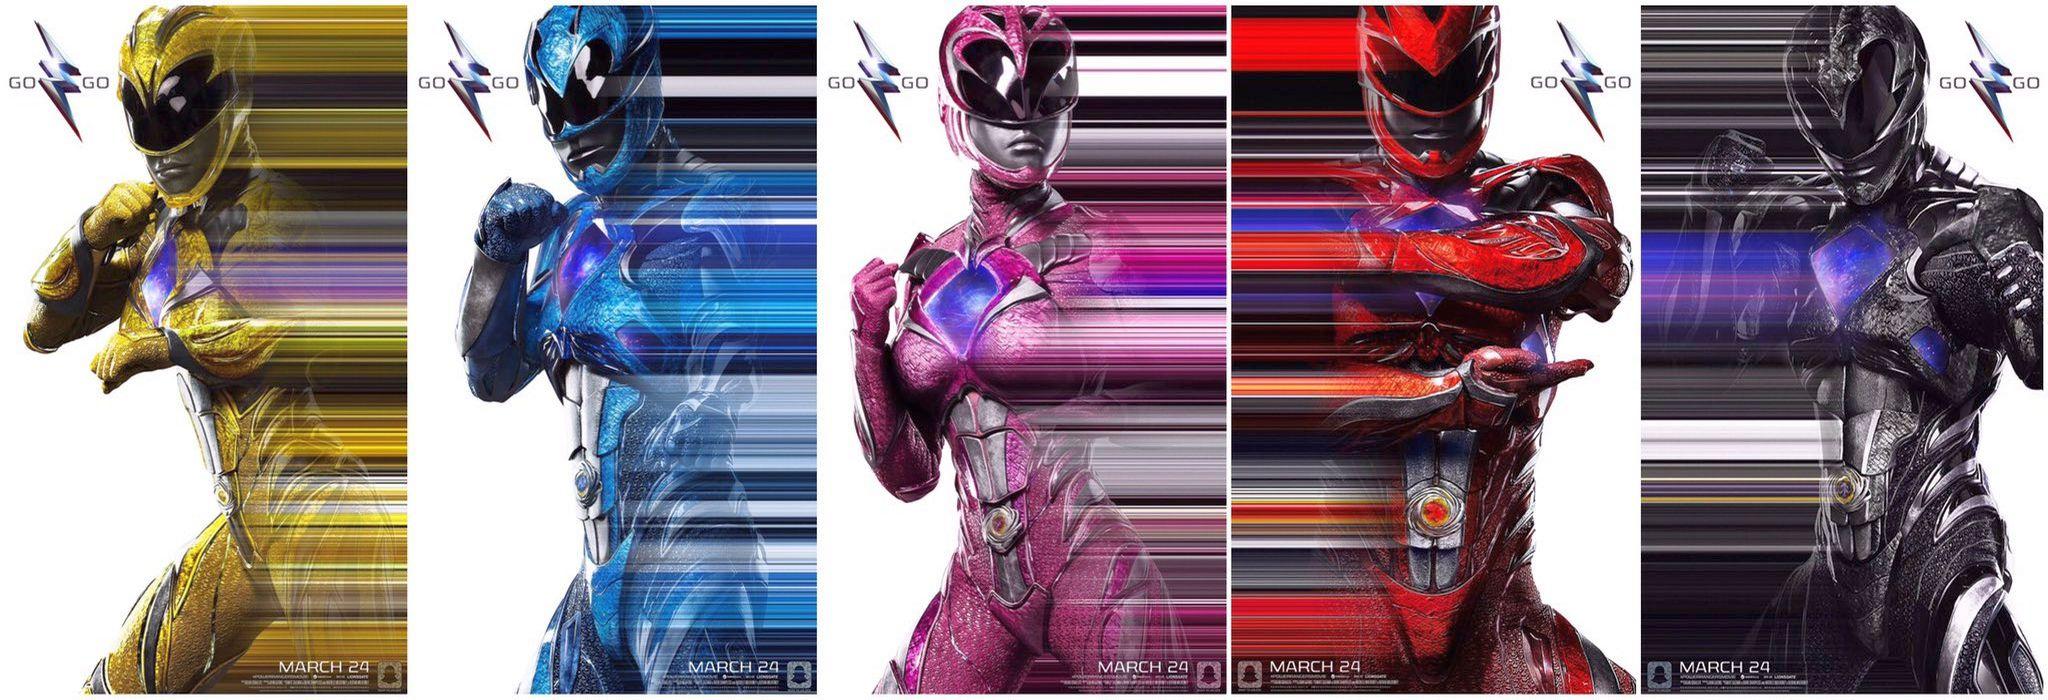 Power Rangers Teaser Trailer Revealed 1